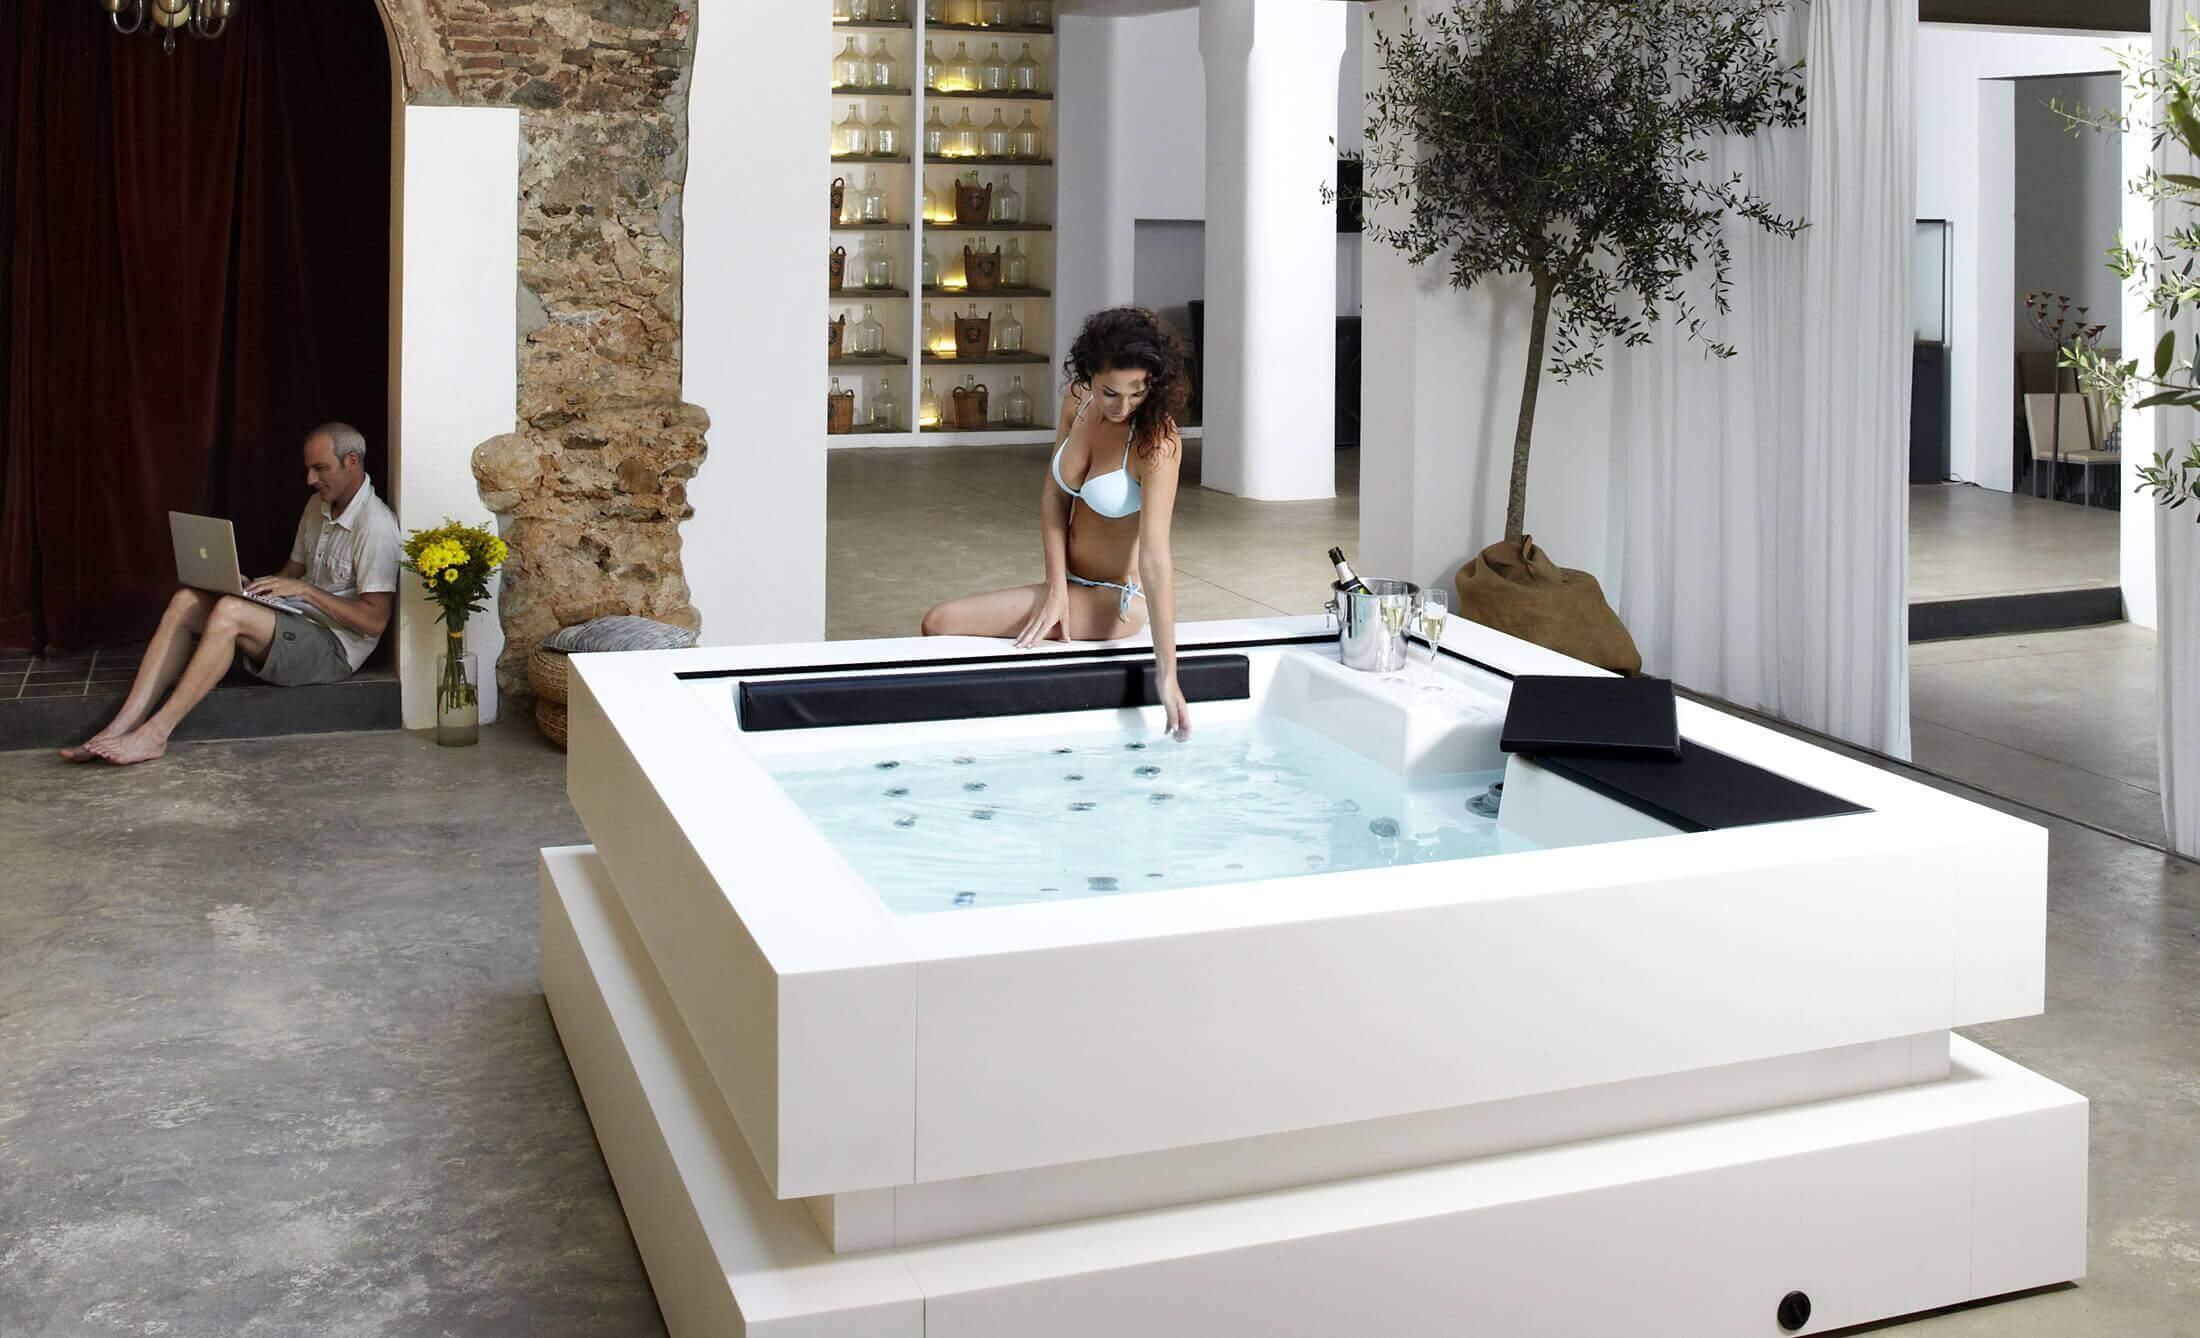 Acquisto di Minispiscine e vasche idromassaggio - Produttore di Spa ...